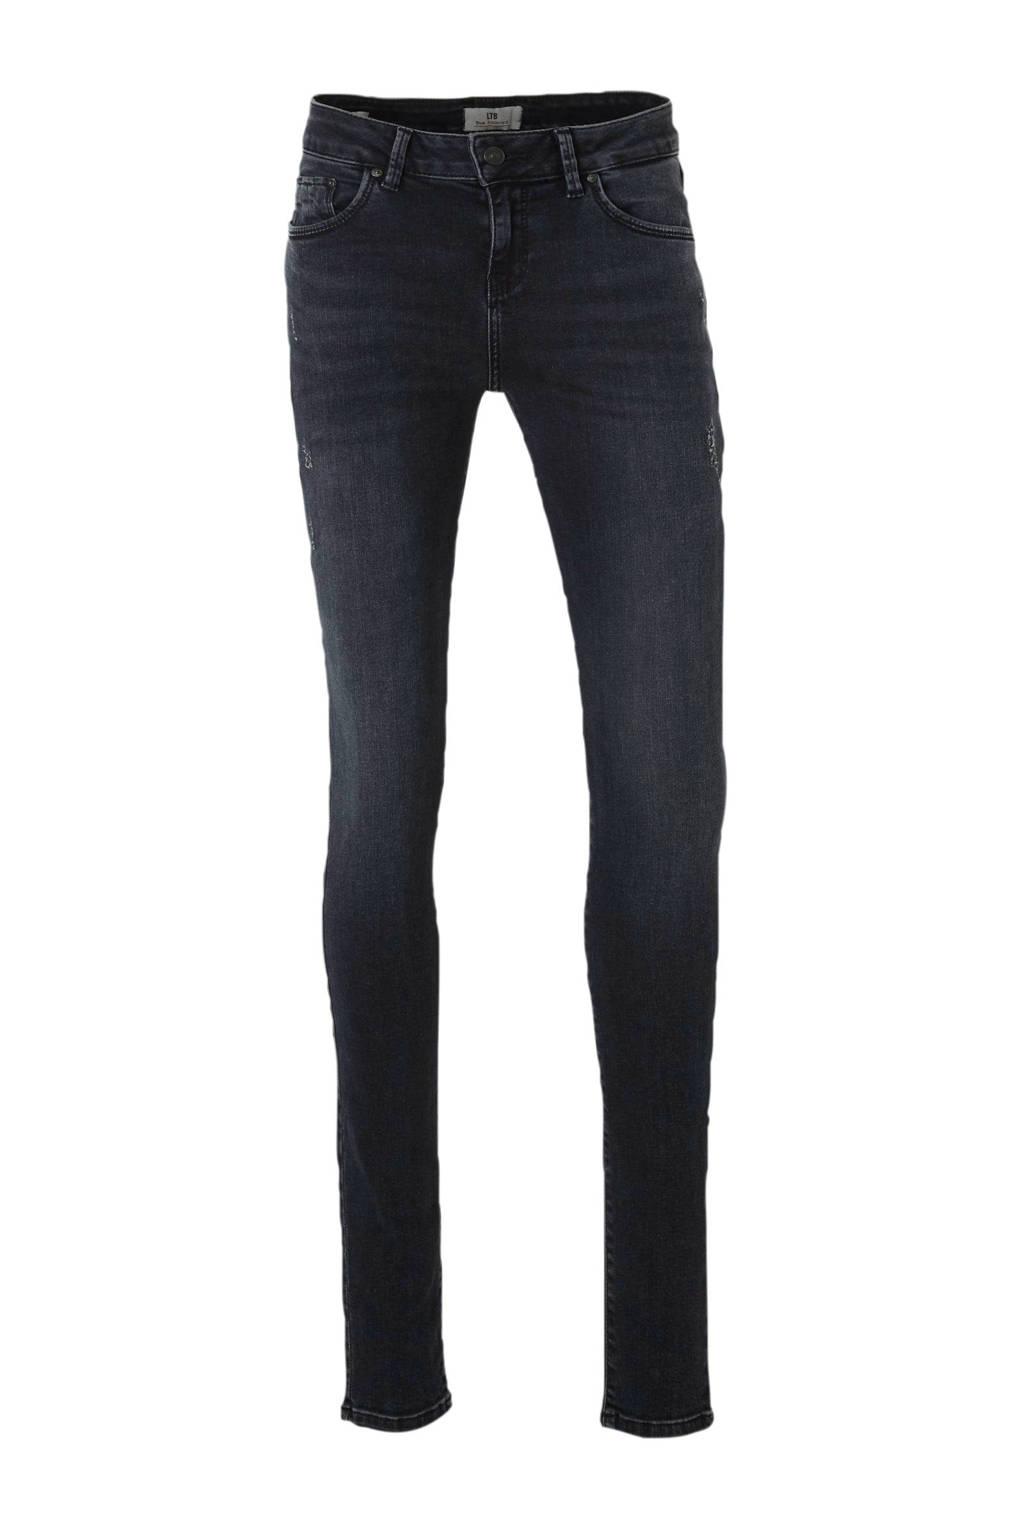 LTB slim fit jeans Daisy dark denim, Dark denim